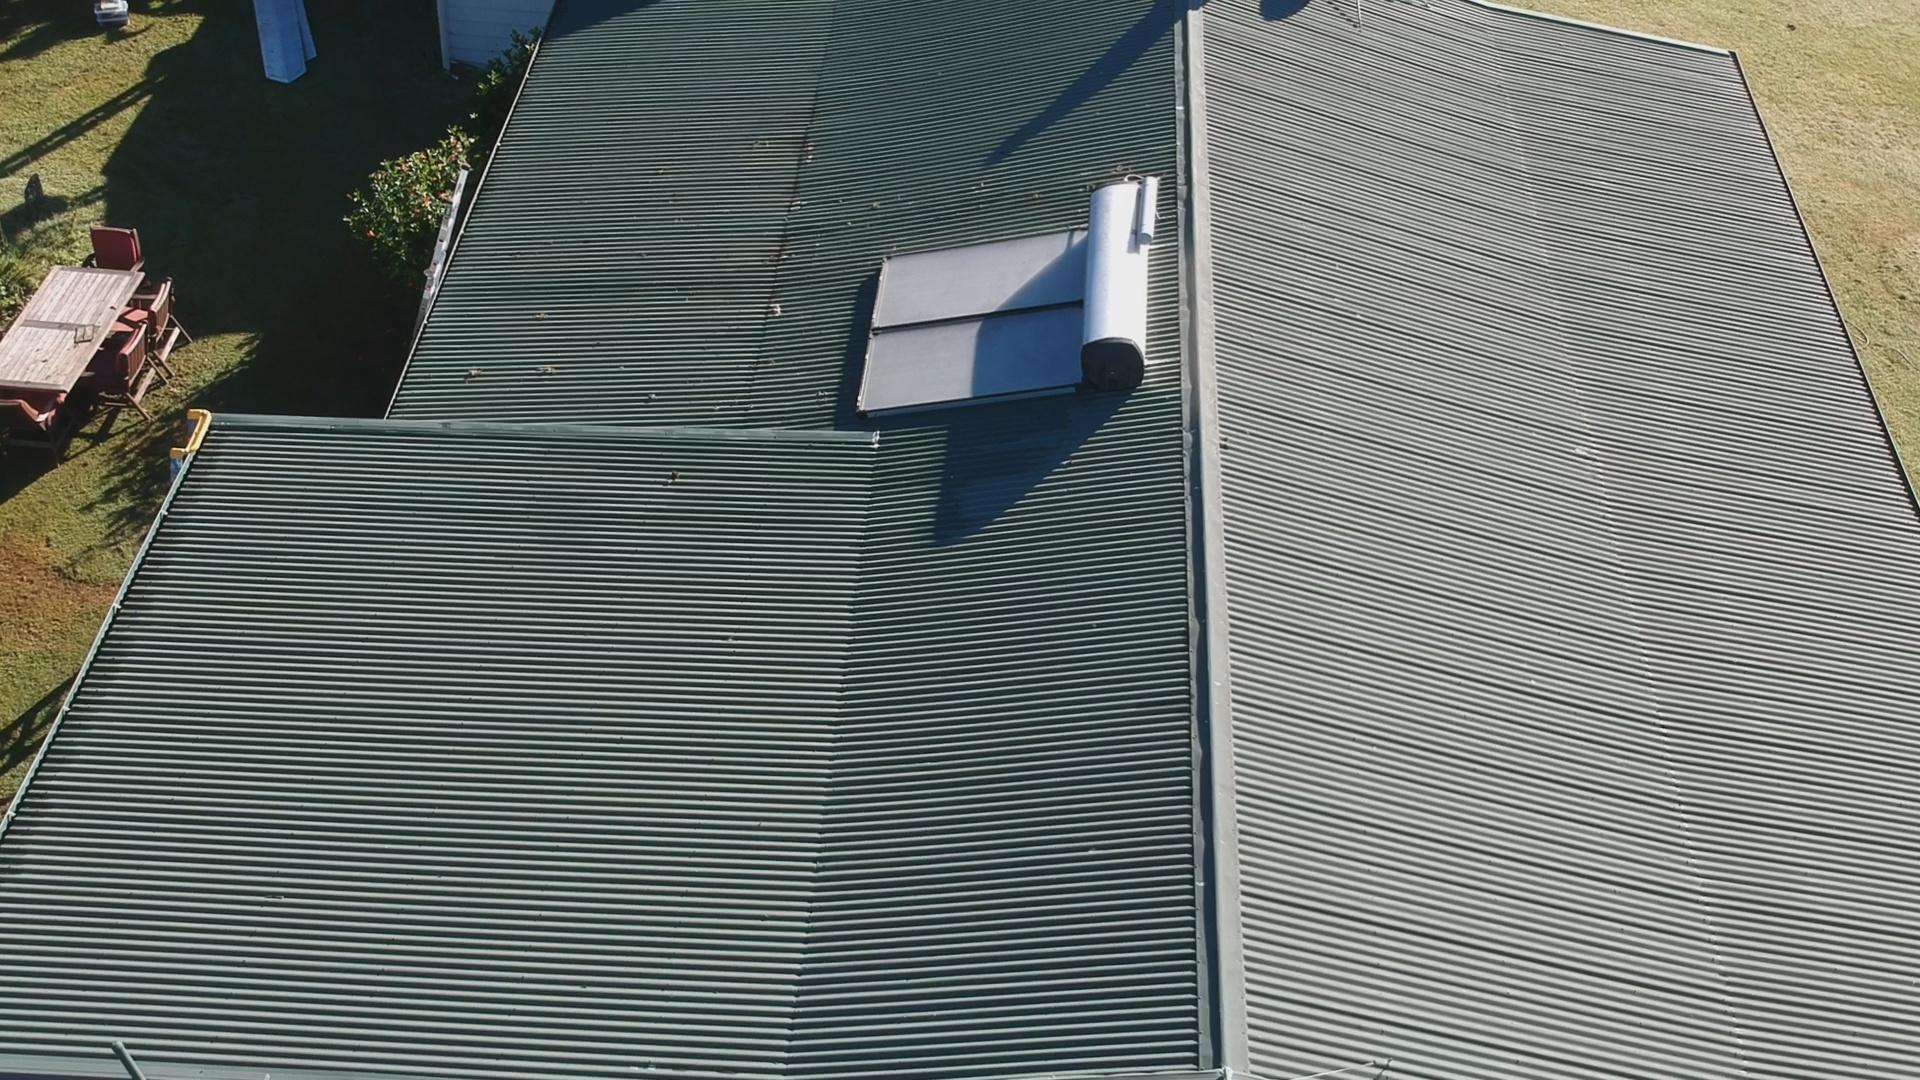 Metal Roofing Bundamba Ipswich Roof Replacement Ipswich